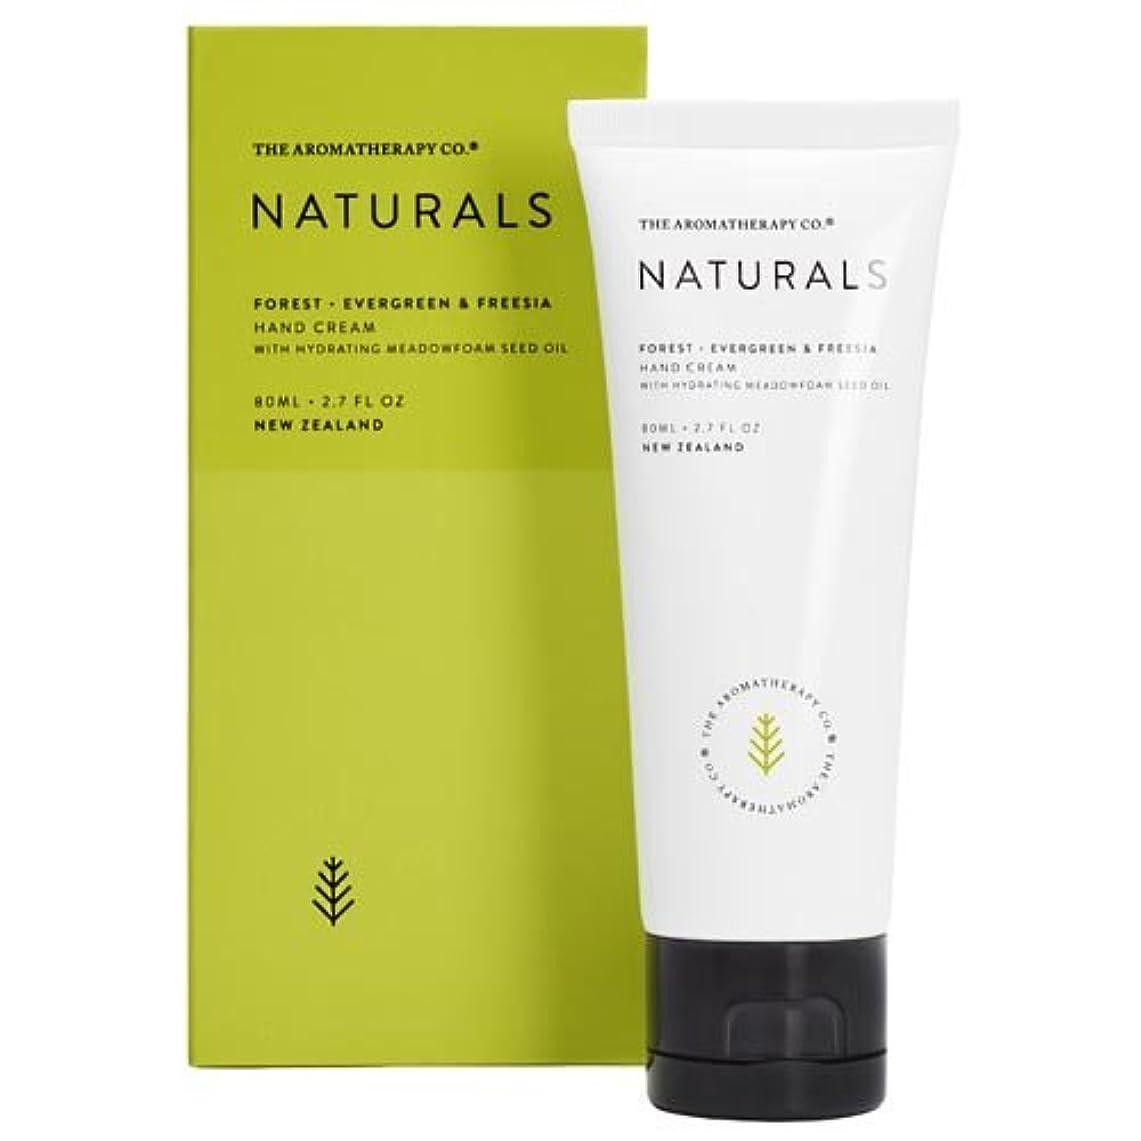 ヒットモニカ下にnew NATURALS ナチュラルズ Hand Cream ハンドクリーム Forest フォレスト(森林)Evergreen & Freesia エバーグリーン&フリージア